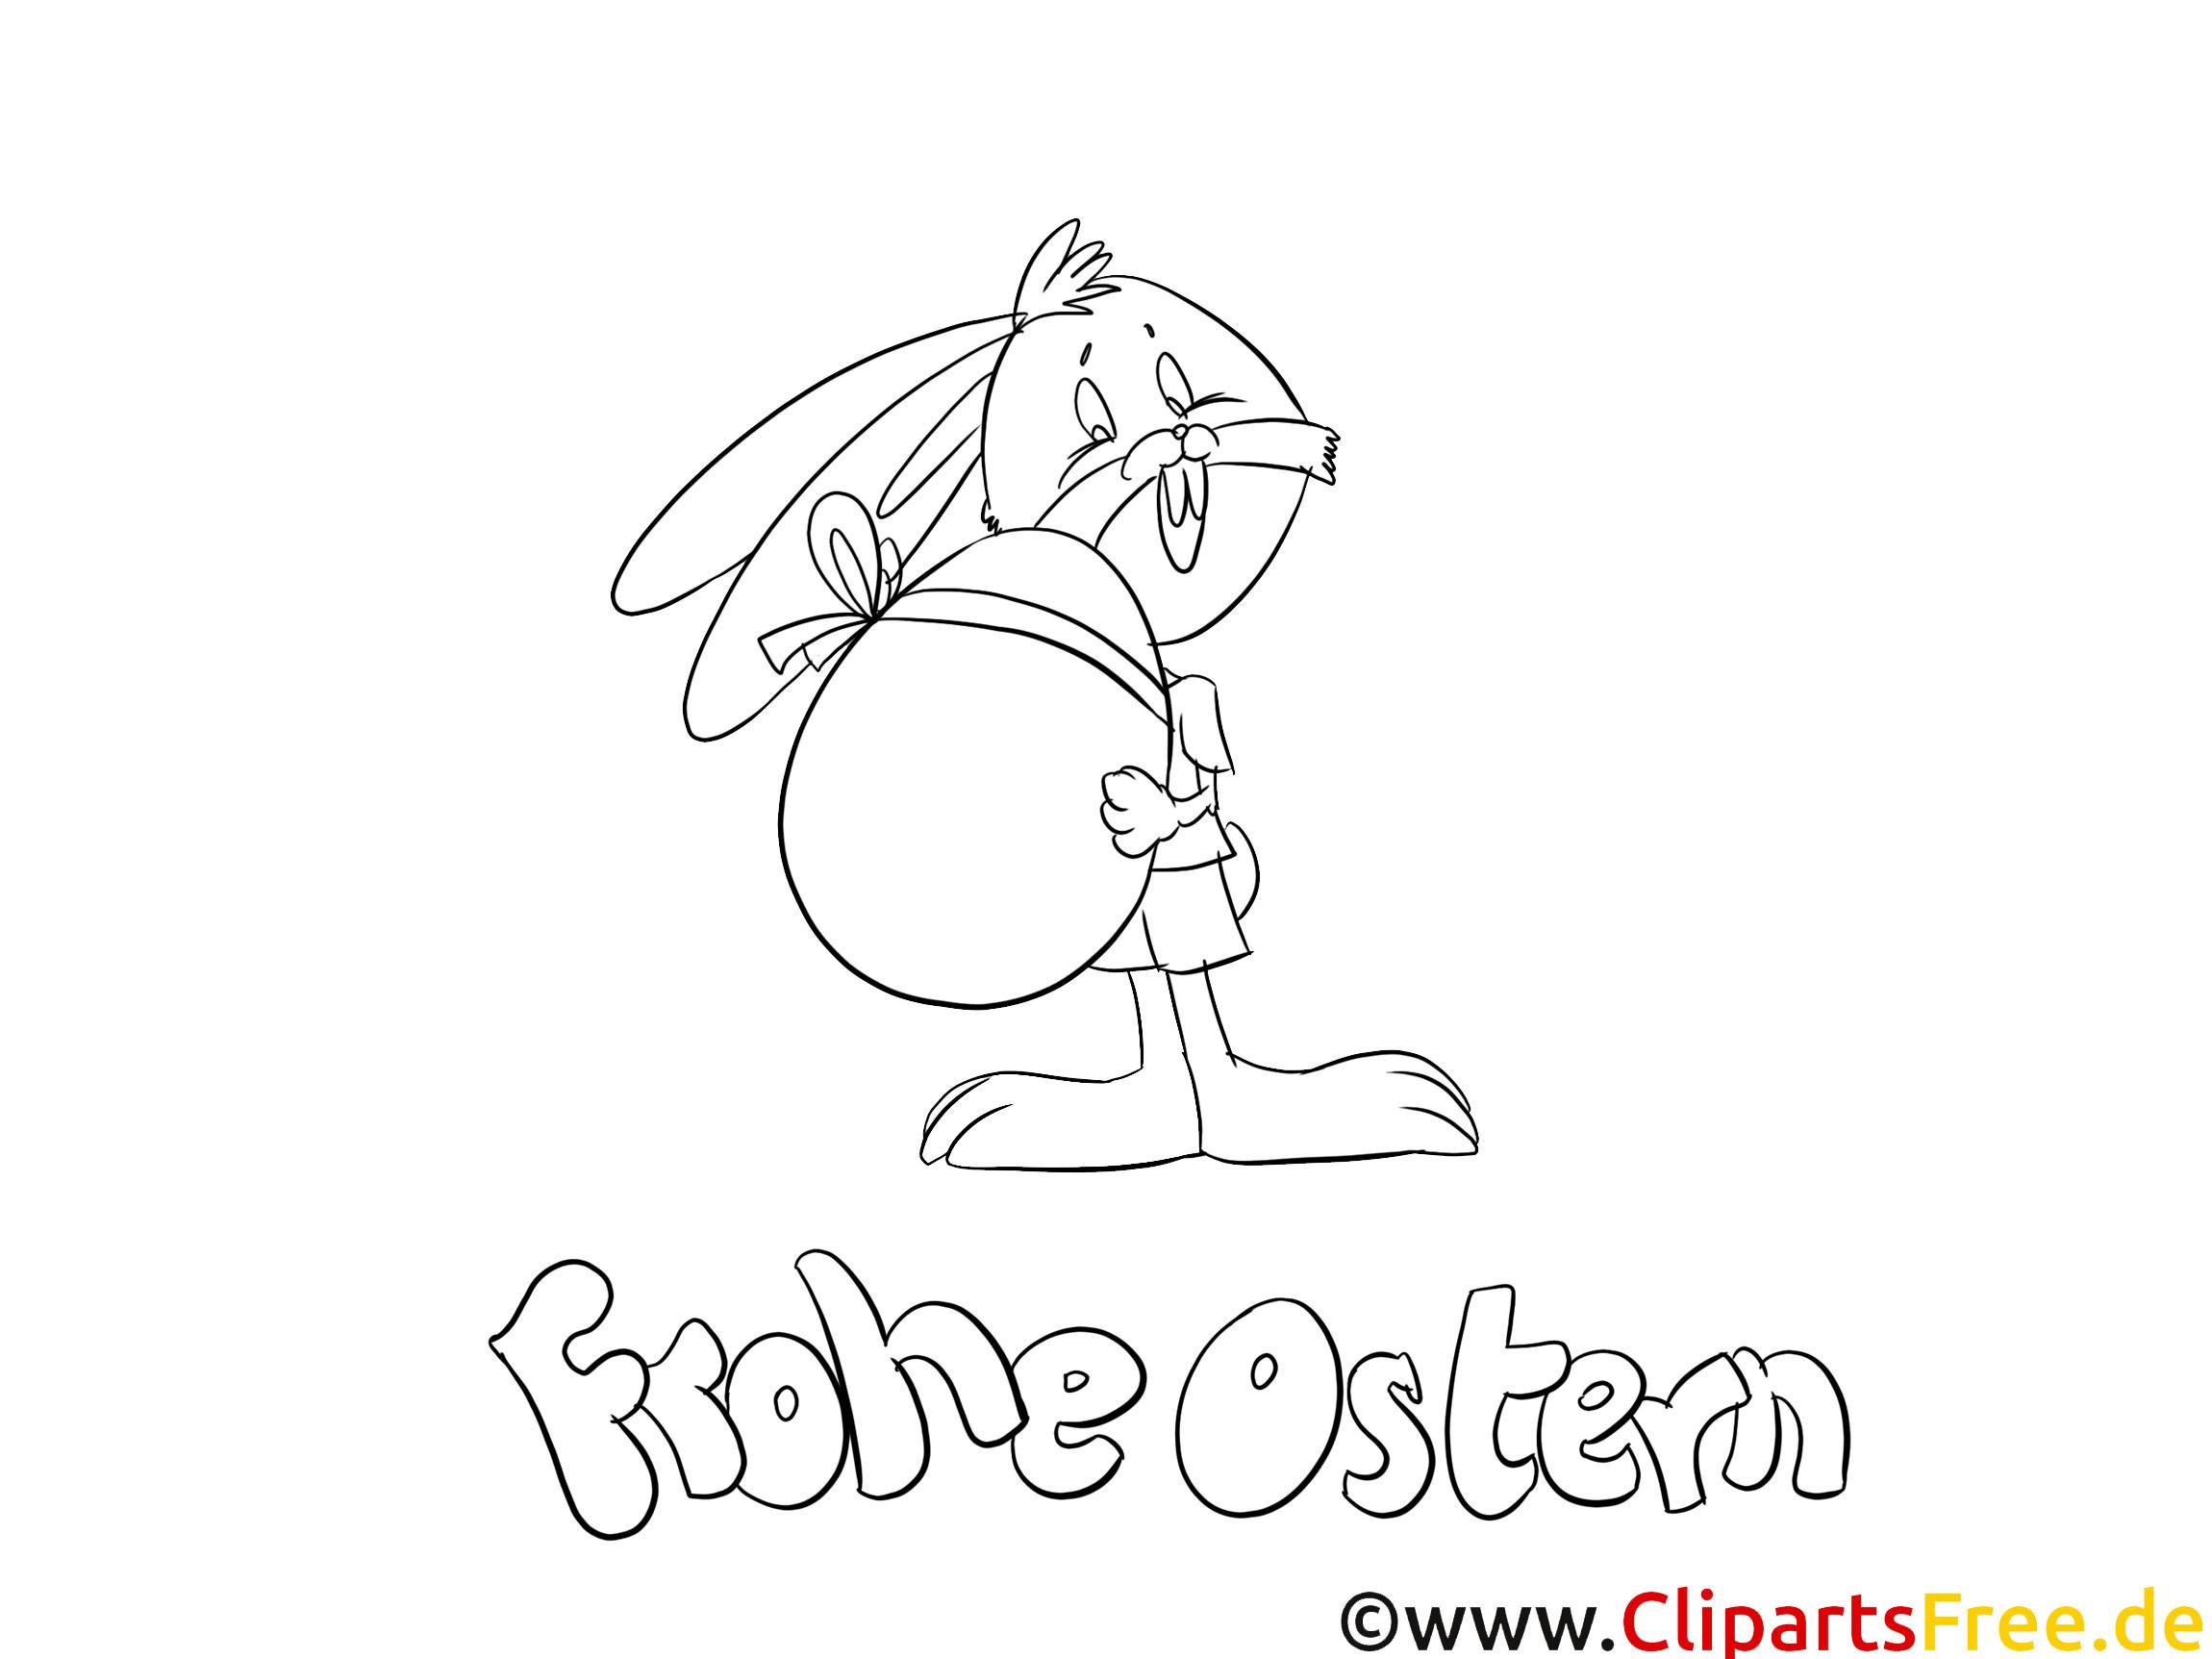 Ausmalbilder Frohe Ostern Inspirierend 35 Inspirierend Malvorlagen Frohe Ostern Mickeycarrollmunchkin Sammlung